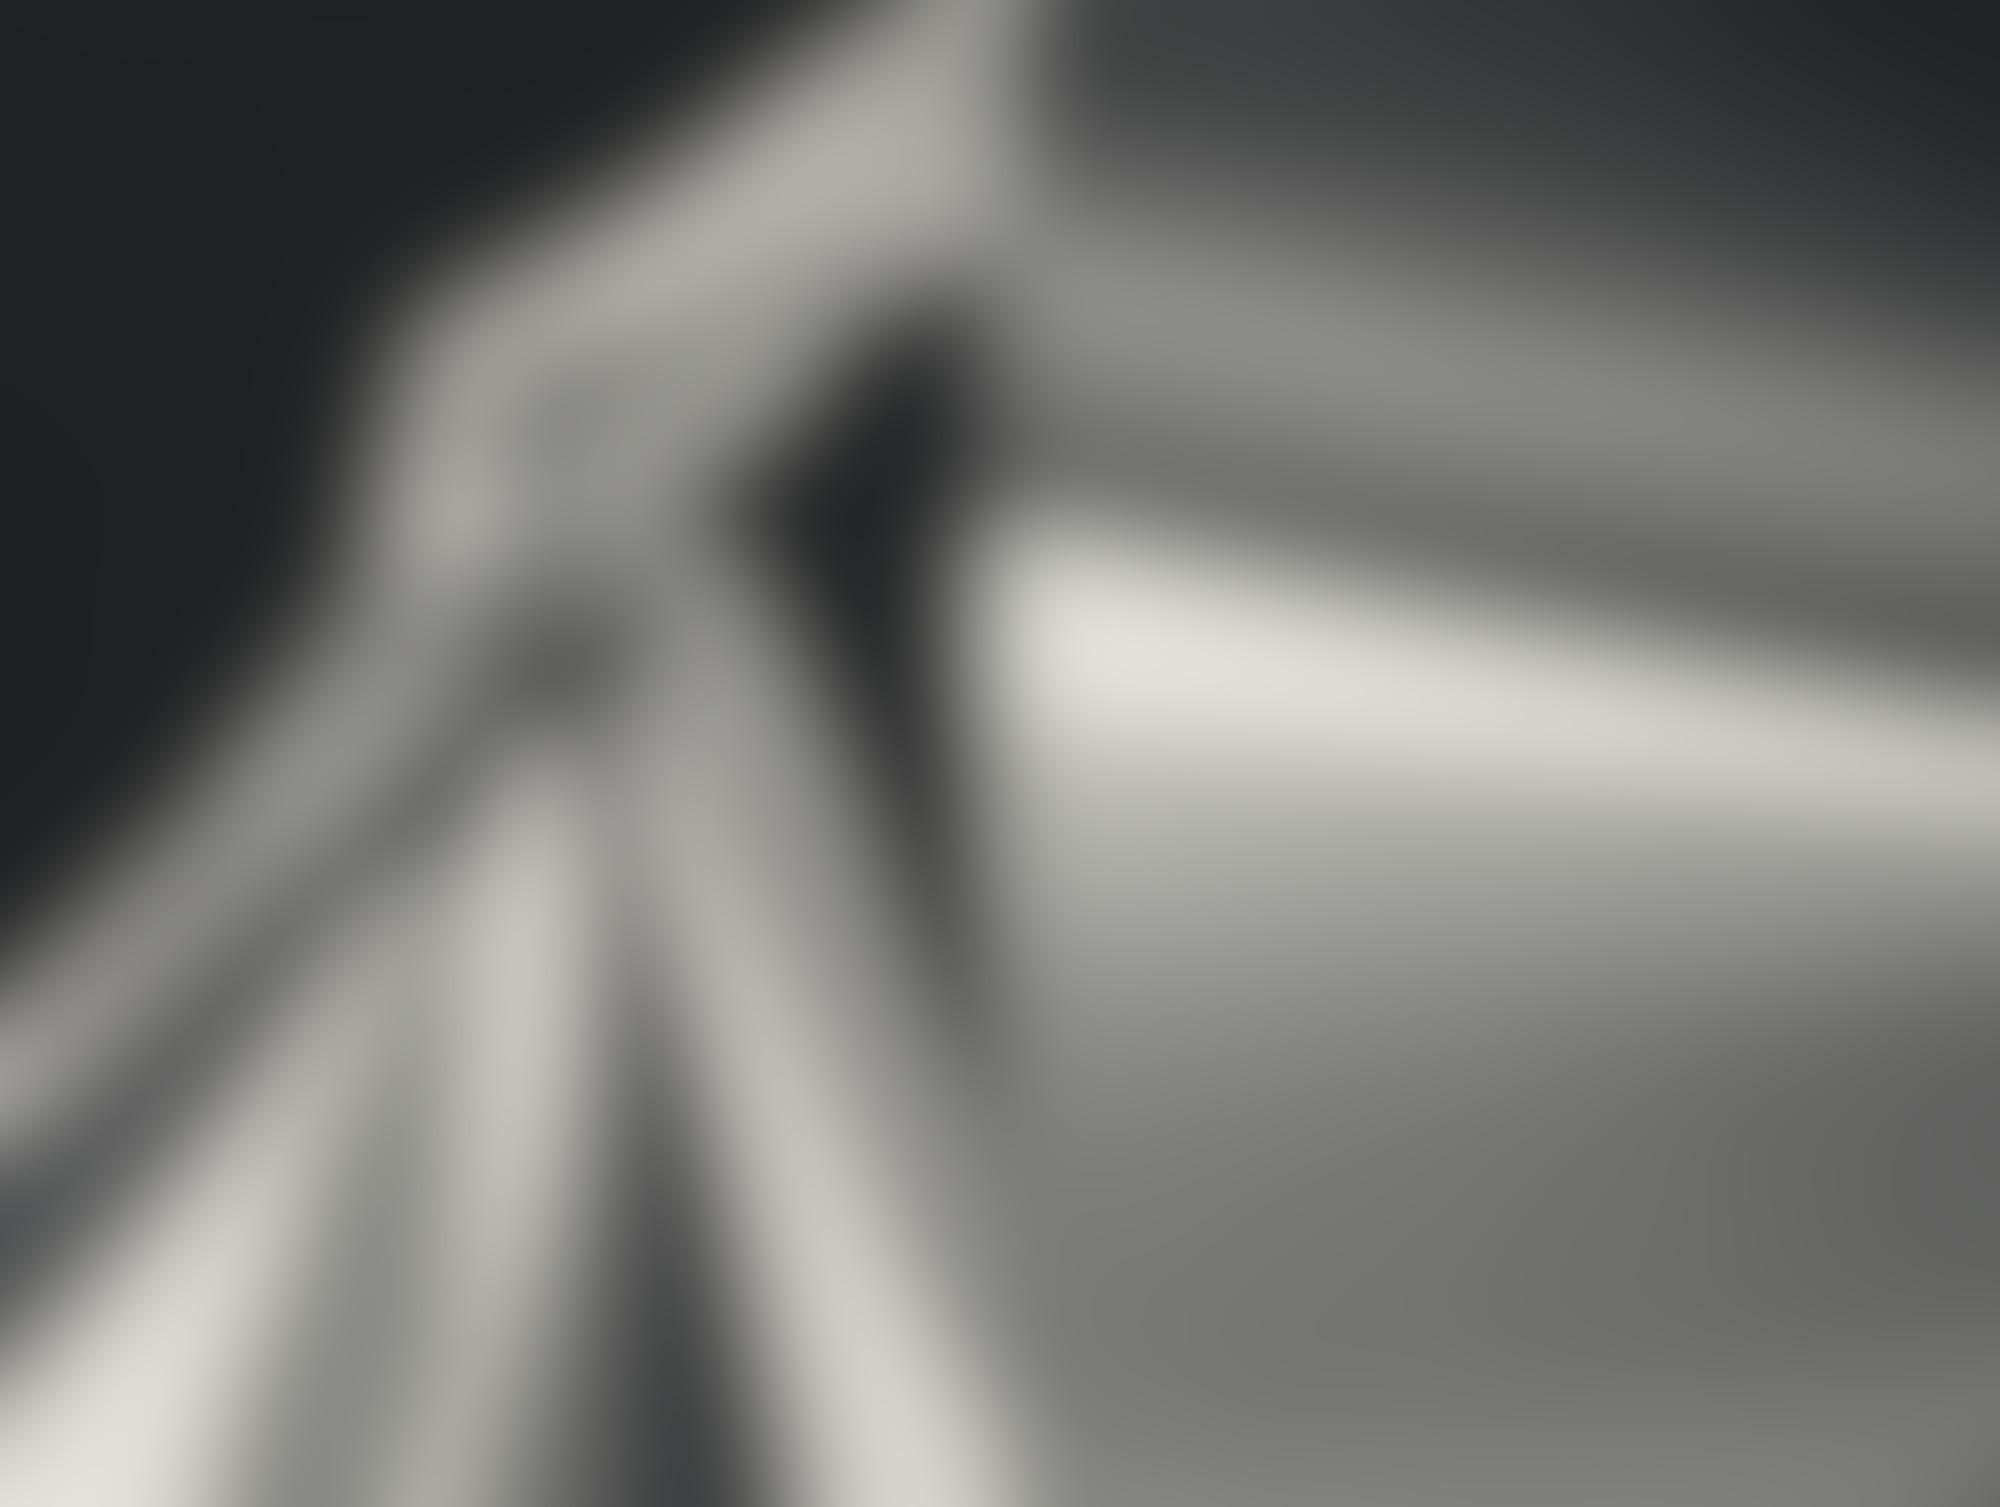 RACHEL SINGER WEB BNNER 3 autocompressfitresizeixlibphp 1 1 0max h2000max w3 D2000q80s50c9d8ae07602207d1e798db351d9f7b